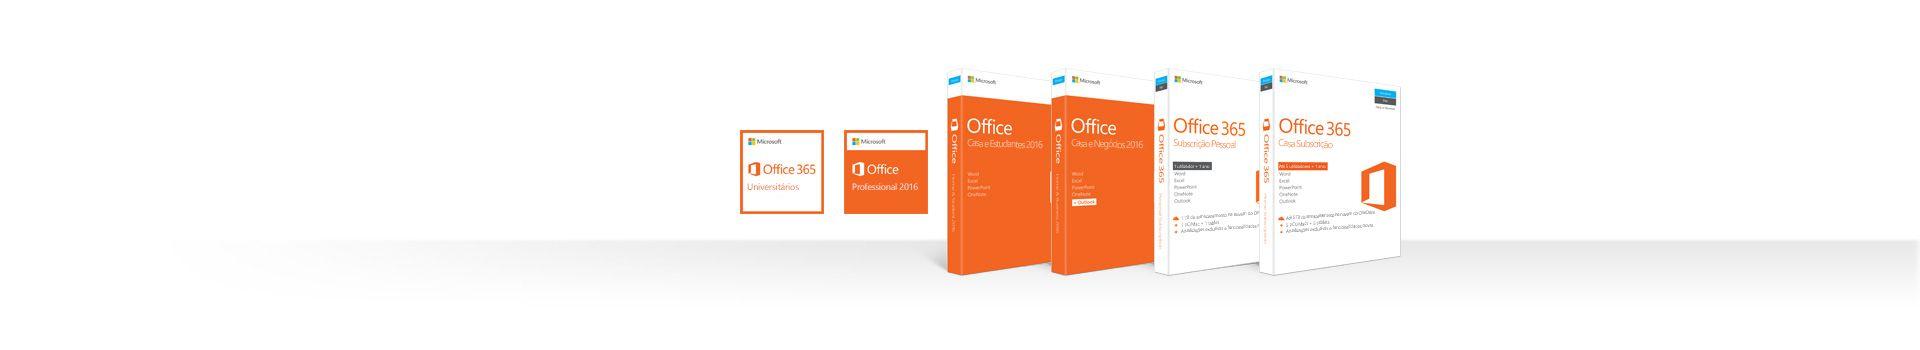 Uma linha de caixas que representam a subscrição do Office e de produtos autónomos para PC